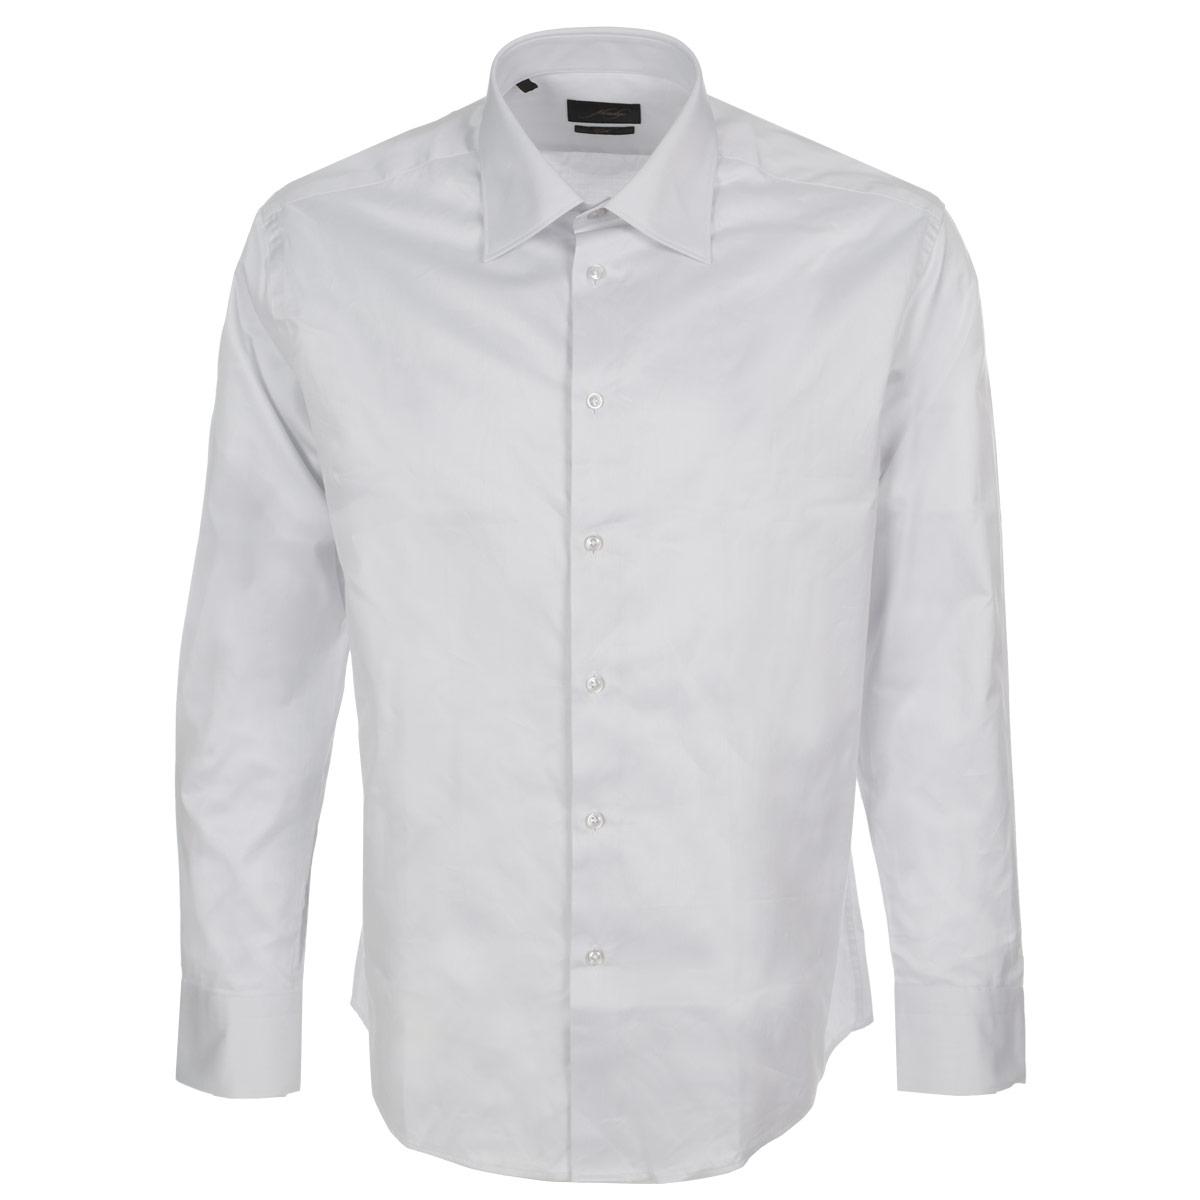 Рубашка мужская. 5700110857001108Стильная мужская рубашка Mondigo станет прекрасным дополнением к вашему гардеробу. Она выполнена из натурального хлопка, обладает высокой теплопроводностью, воздухопроницаемостью и гигроскопичностью, позволяет коже дышать, тем самым обеспечивая наибольший комфорт при носке даже жарким летом. Модель силуэта slim fit с длинными рукавами и отложным воротником застегивается на пуговицы. Рукава дополнены широкими манжетами со скошенными краями на пуговицах. Такая рубашка будет дарить вам комфорт в течение всего дня.